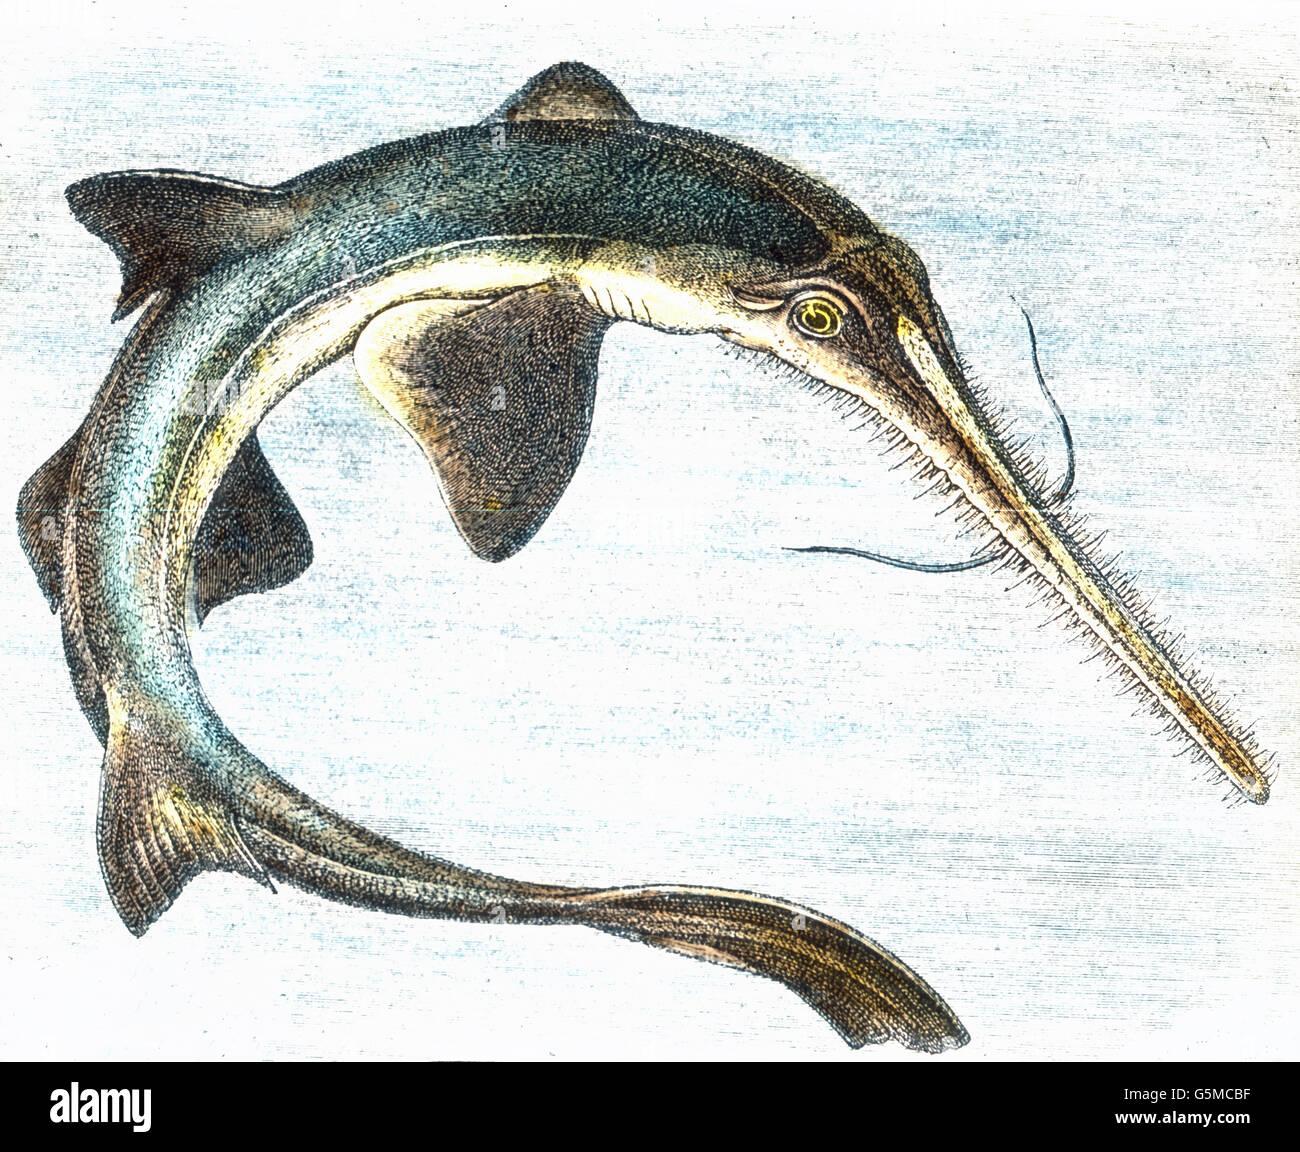 Wunderbar Fische Färben Bilder Zeitgenössisch - Malvorlagen-Ideen ...